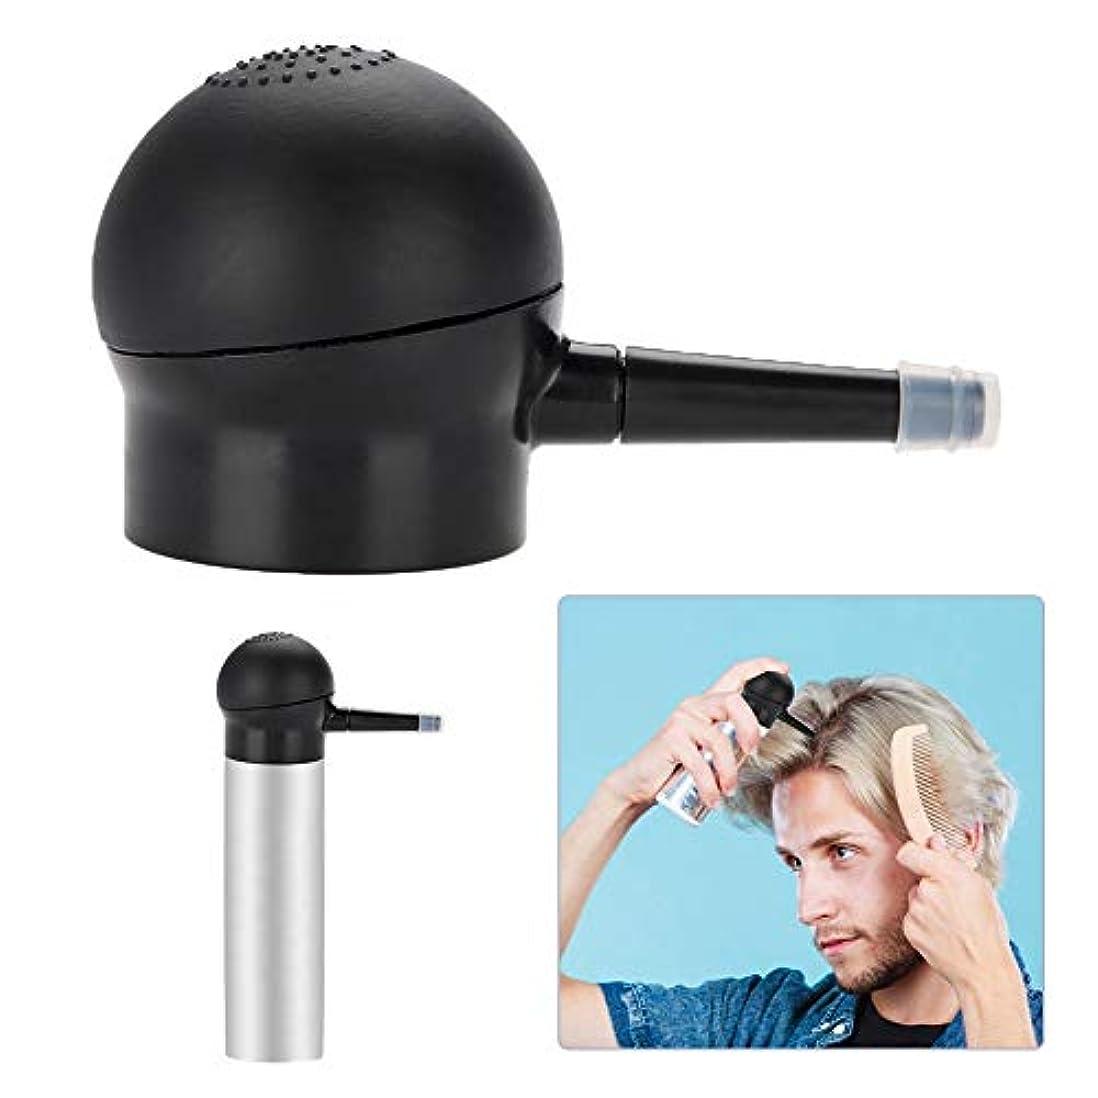 ハイランド不十分番目抜け毛対策コンシーラーアプリケーター、増毛ポンプ付きヘアーファイバーアプリケーター、増粘剤ケラチンヘアパウダー、インスタント簡単にインストールと削除